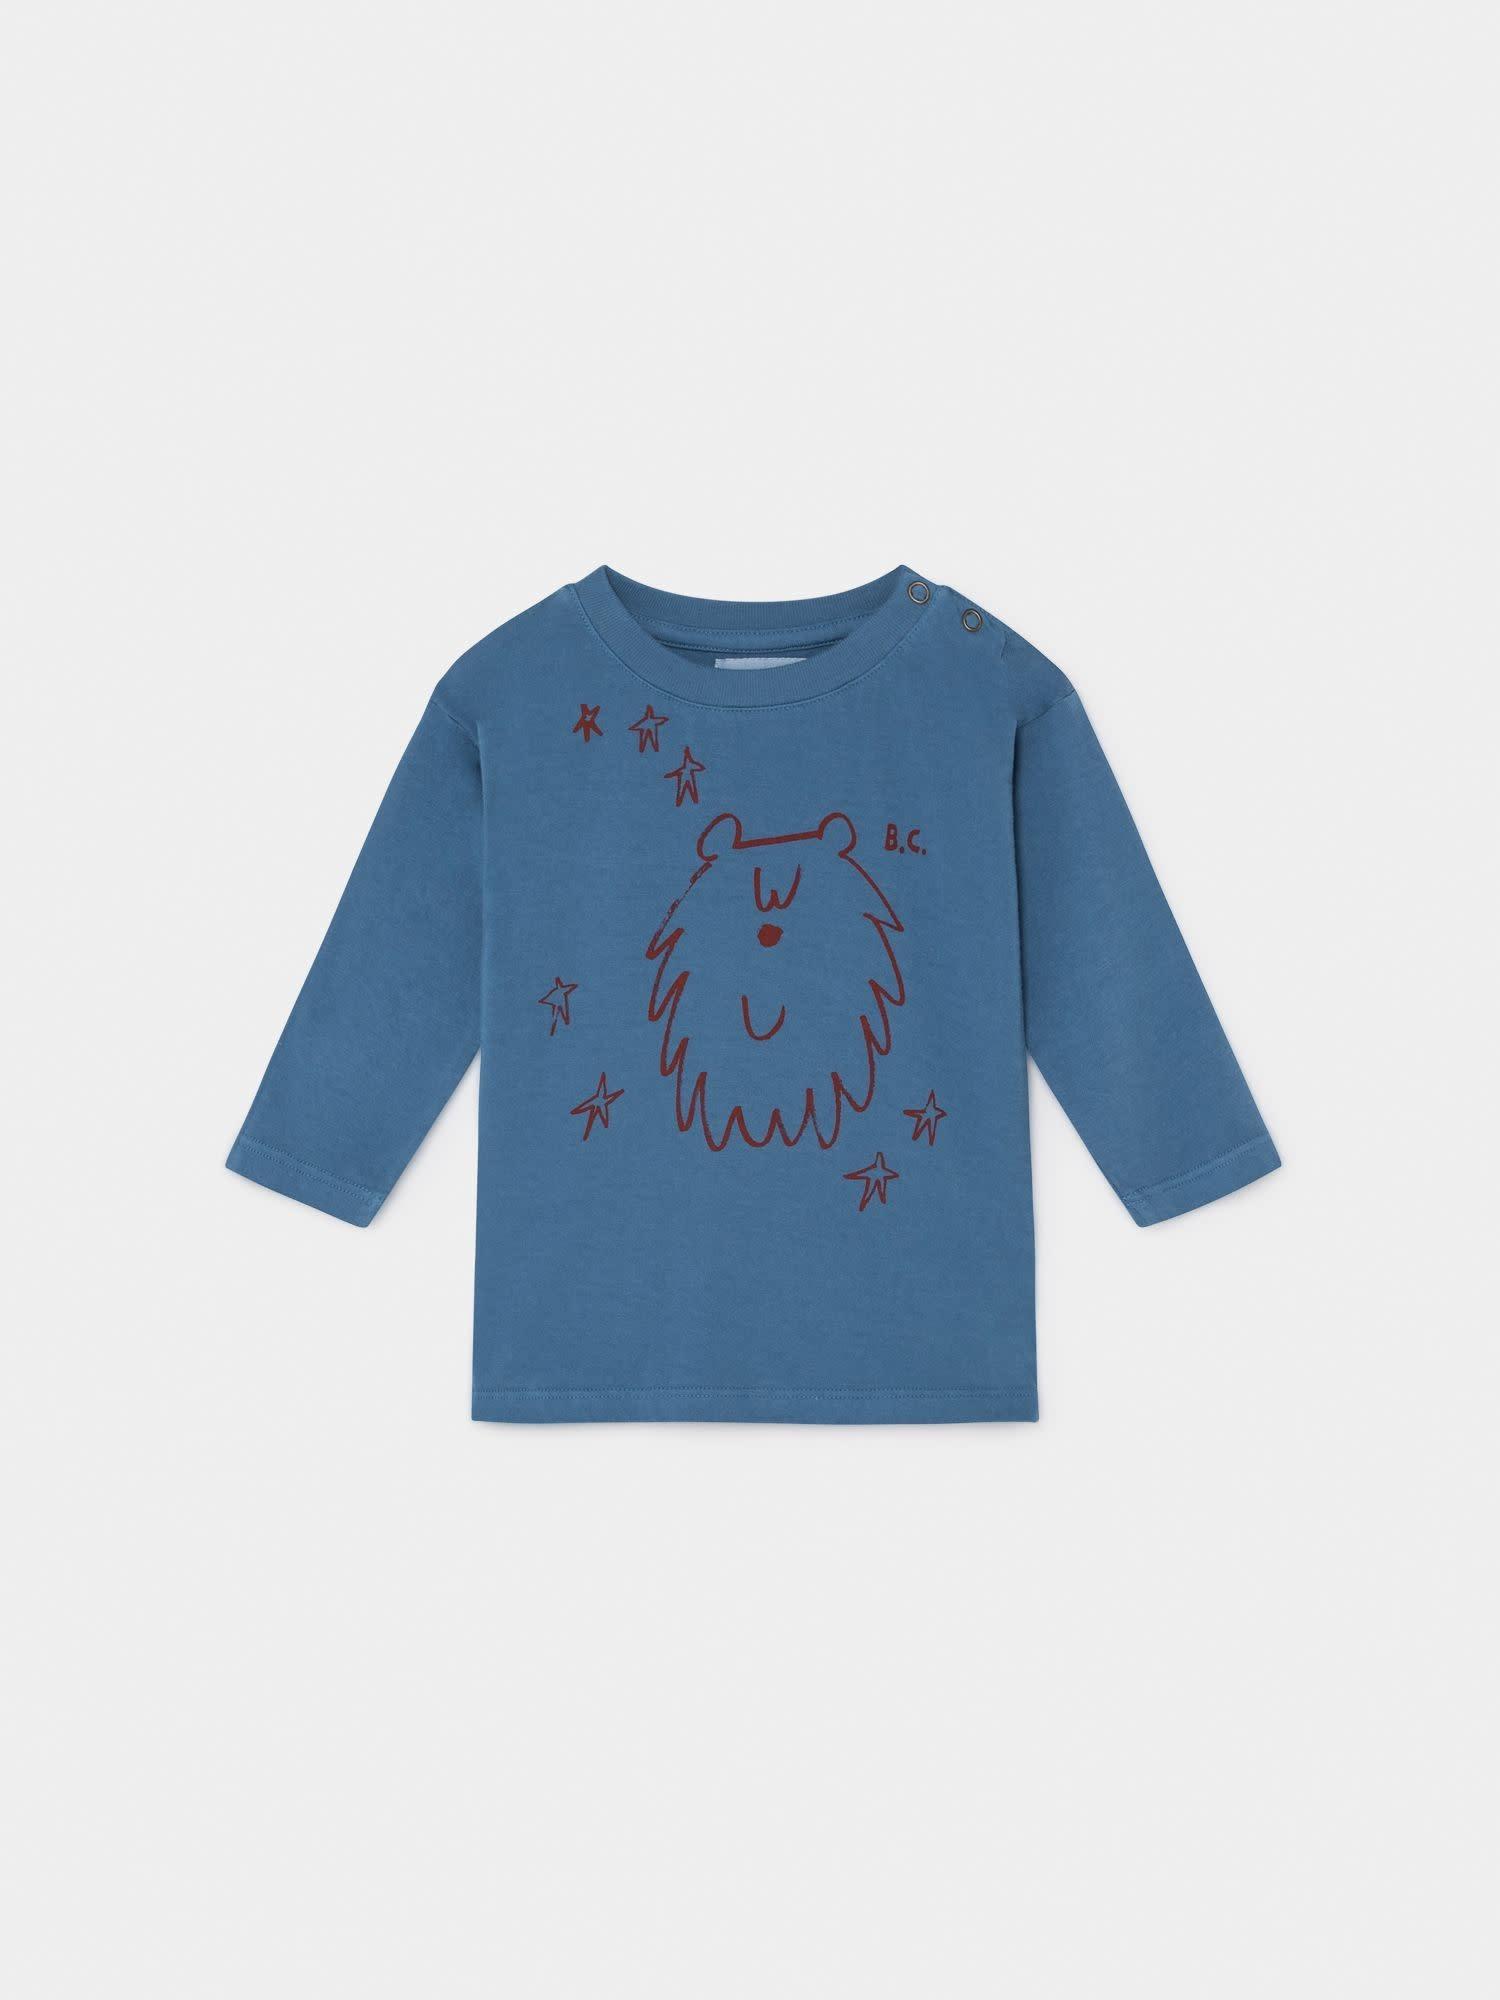 BOBO CHOSES Ursa Major Long Sleeve T-shirt